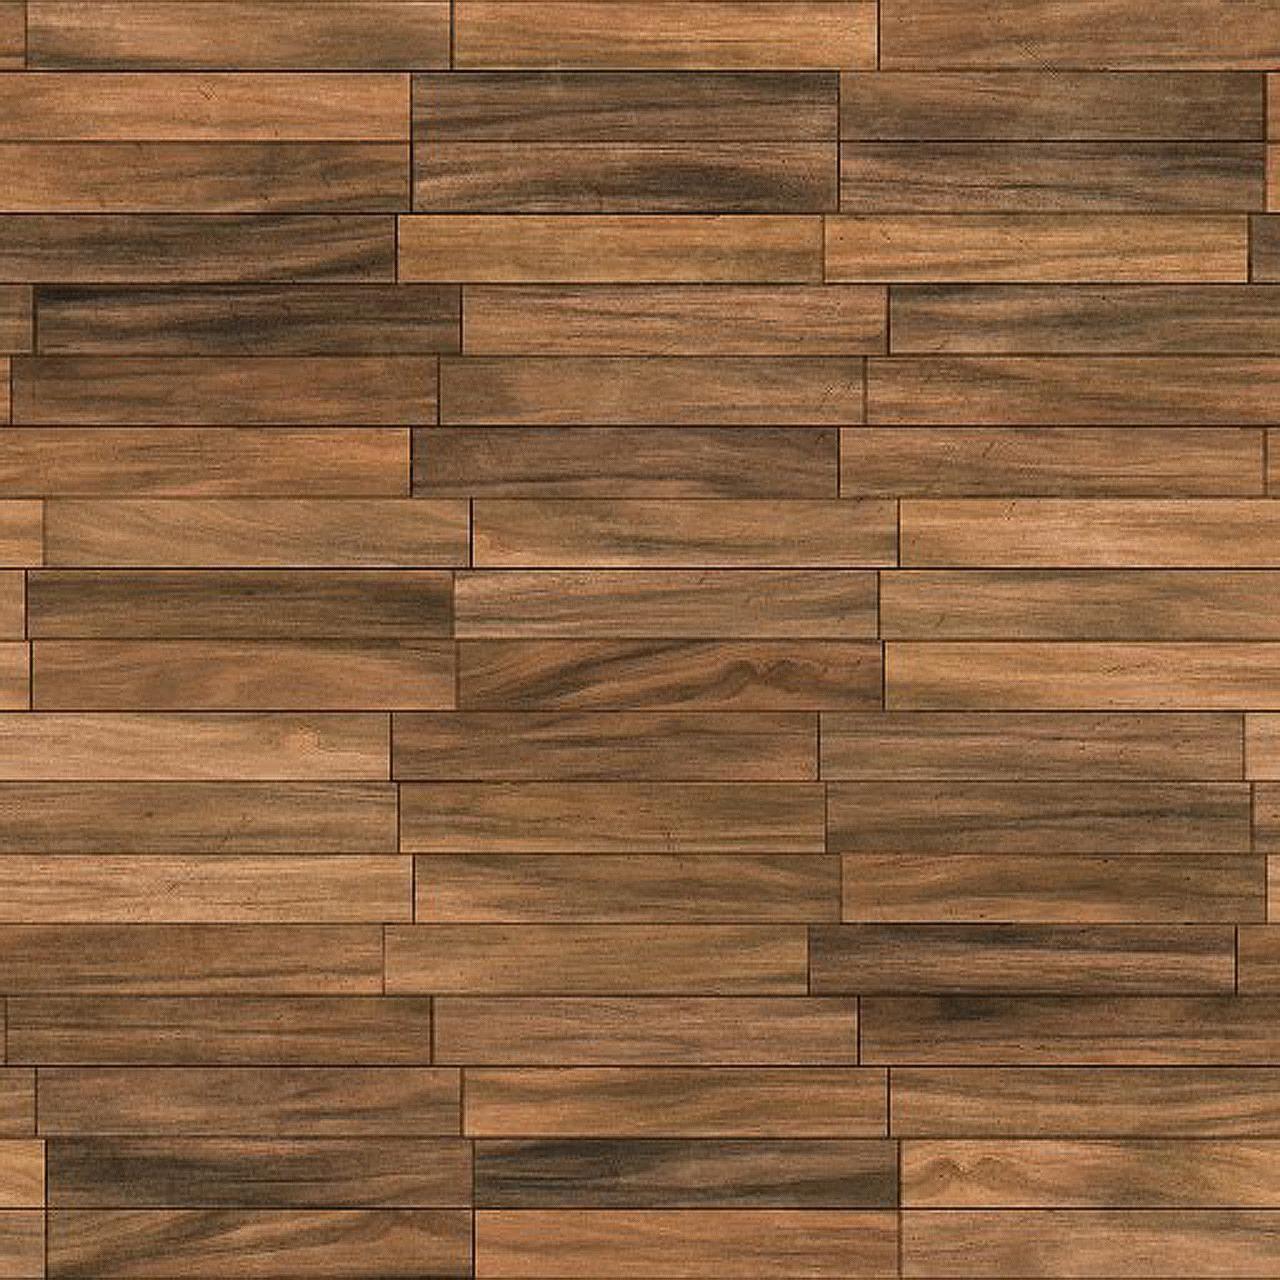 F rum materiais cores e texturas texturas criadas - Imagenes de pisos reformados ...